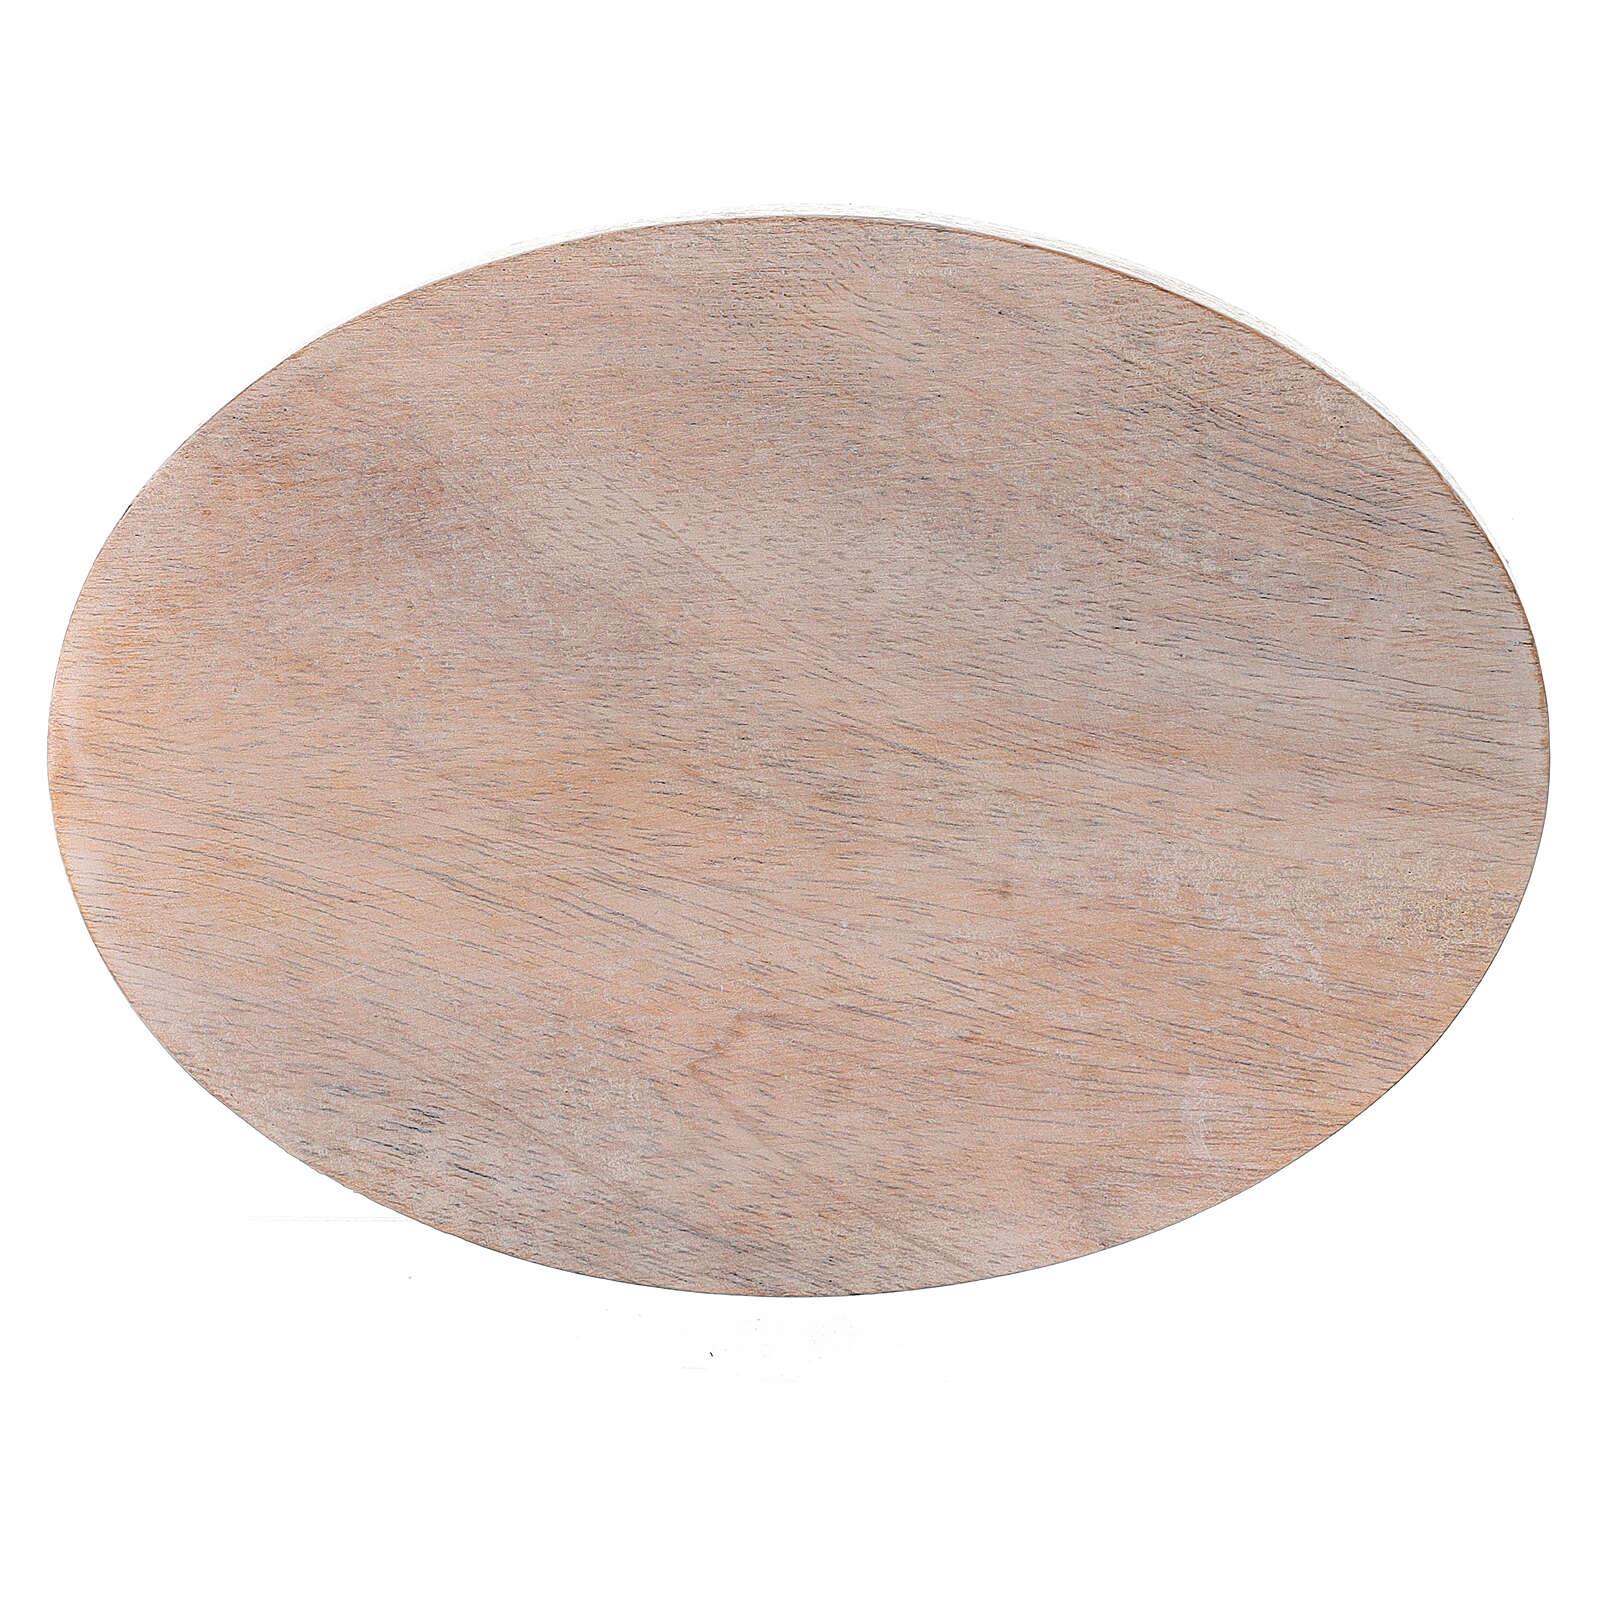 Piatto portacandela legno mango chiaro ovale 13,5x10 cm 3